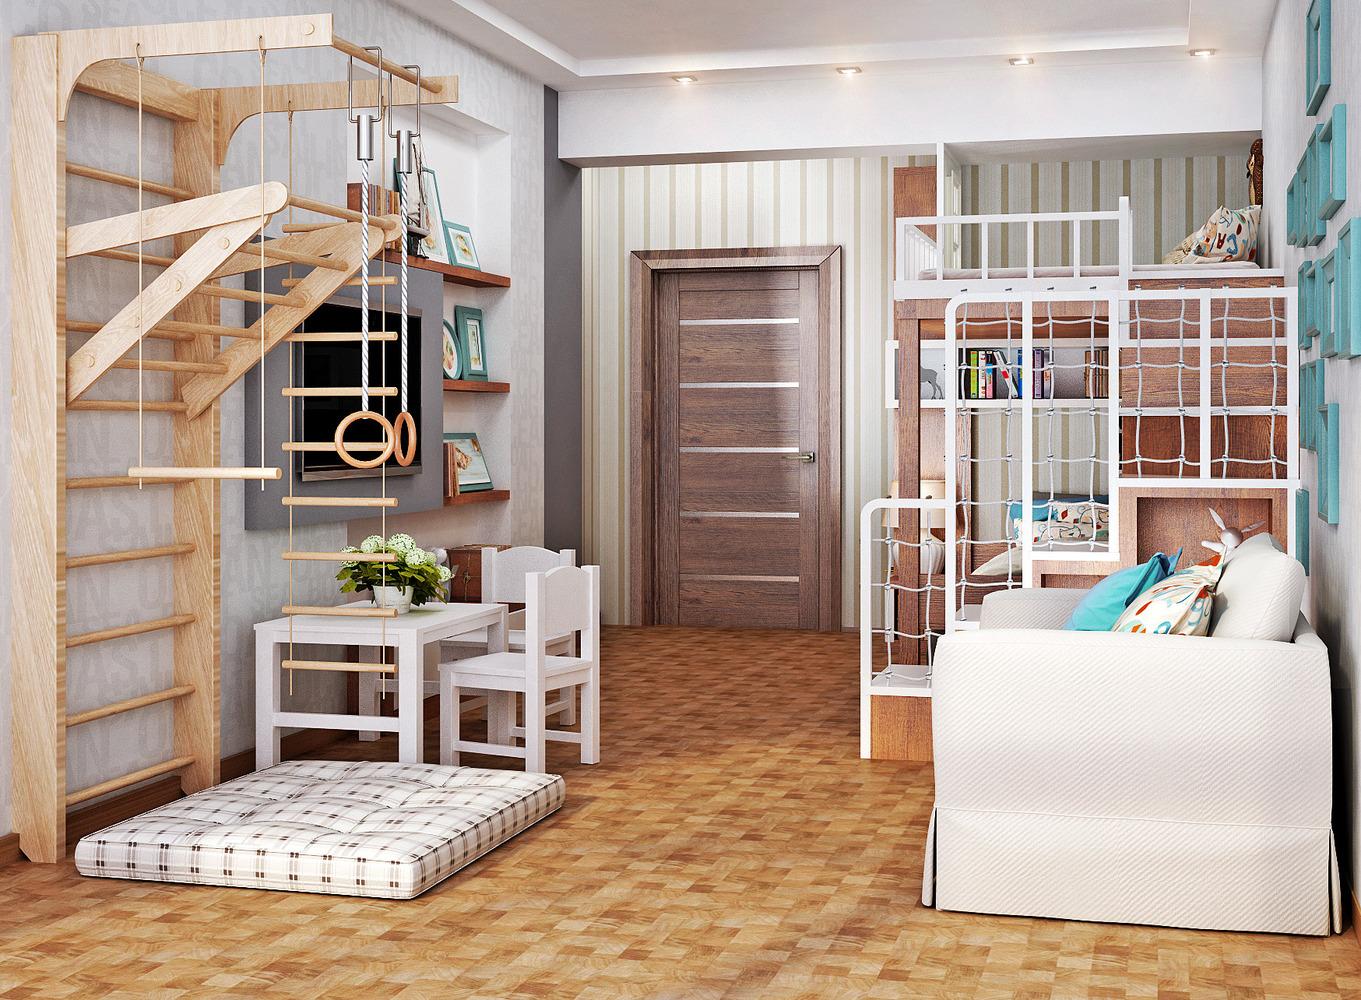 Как сделать квартиру уютной и красивой фото 256